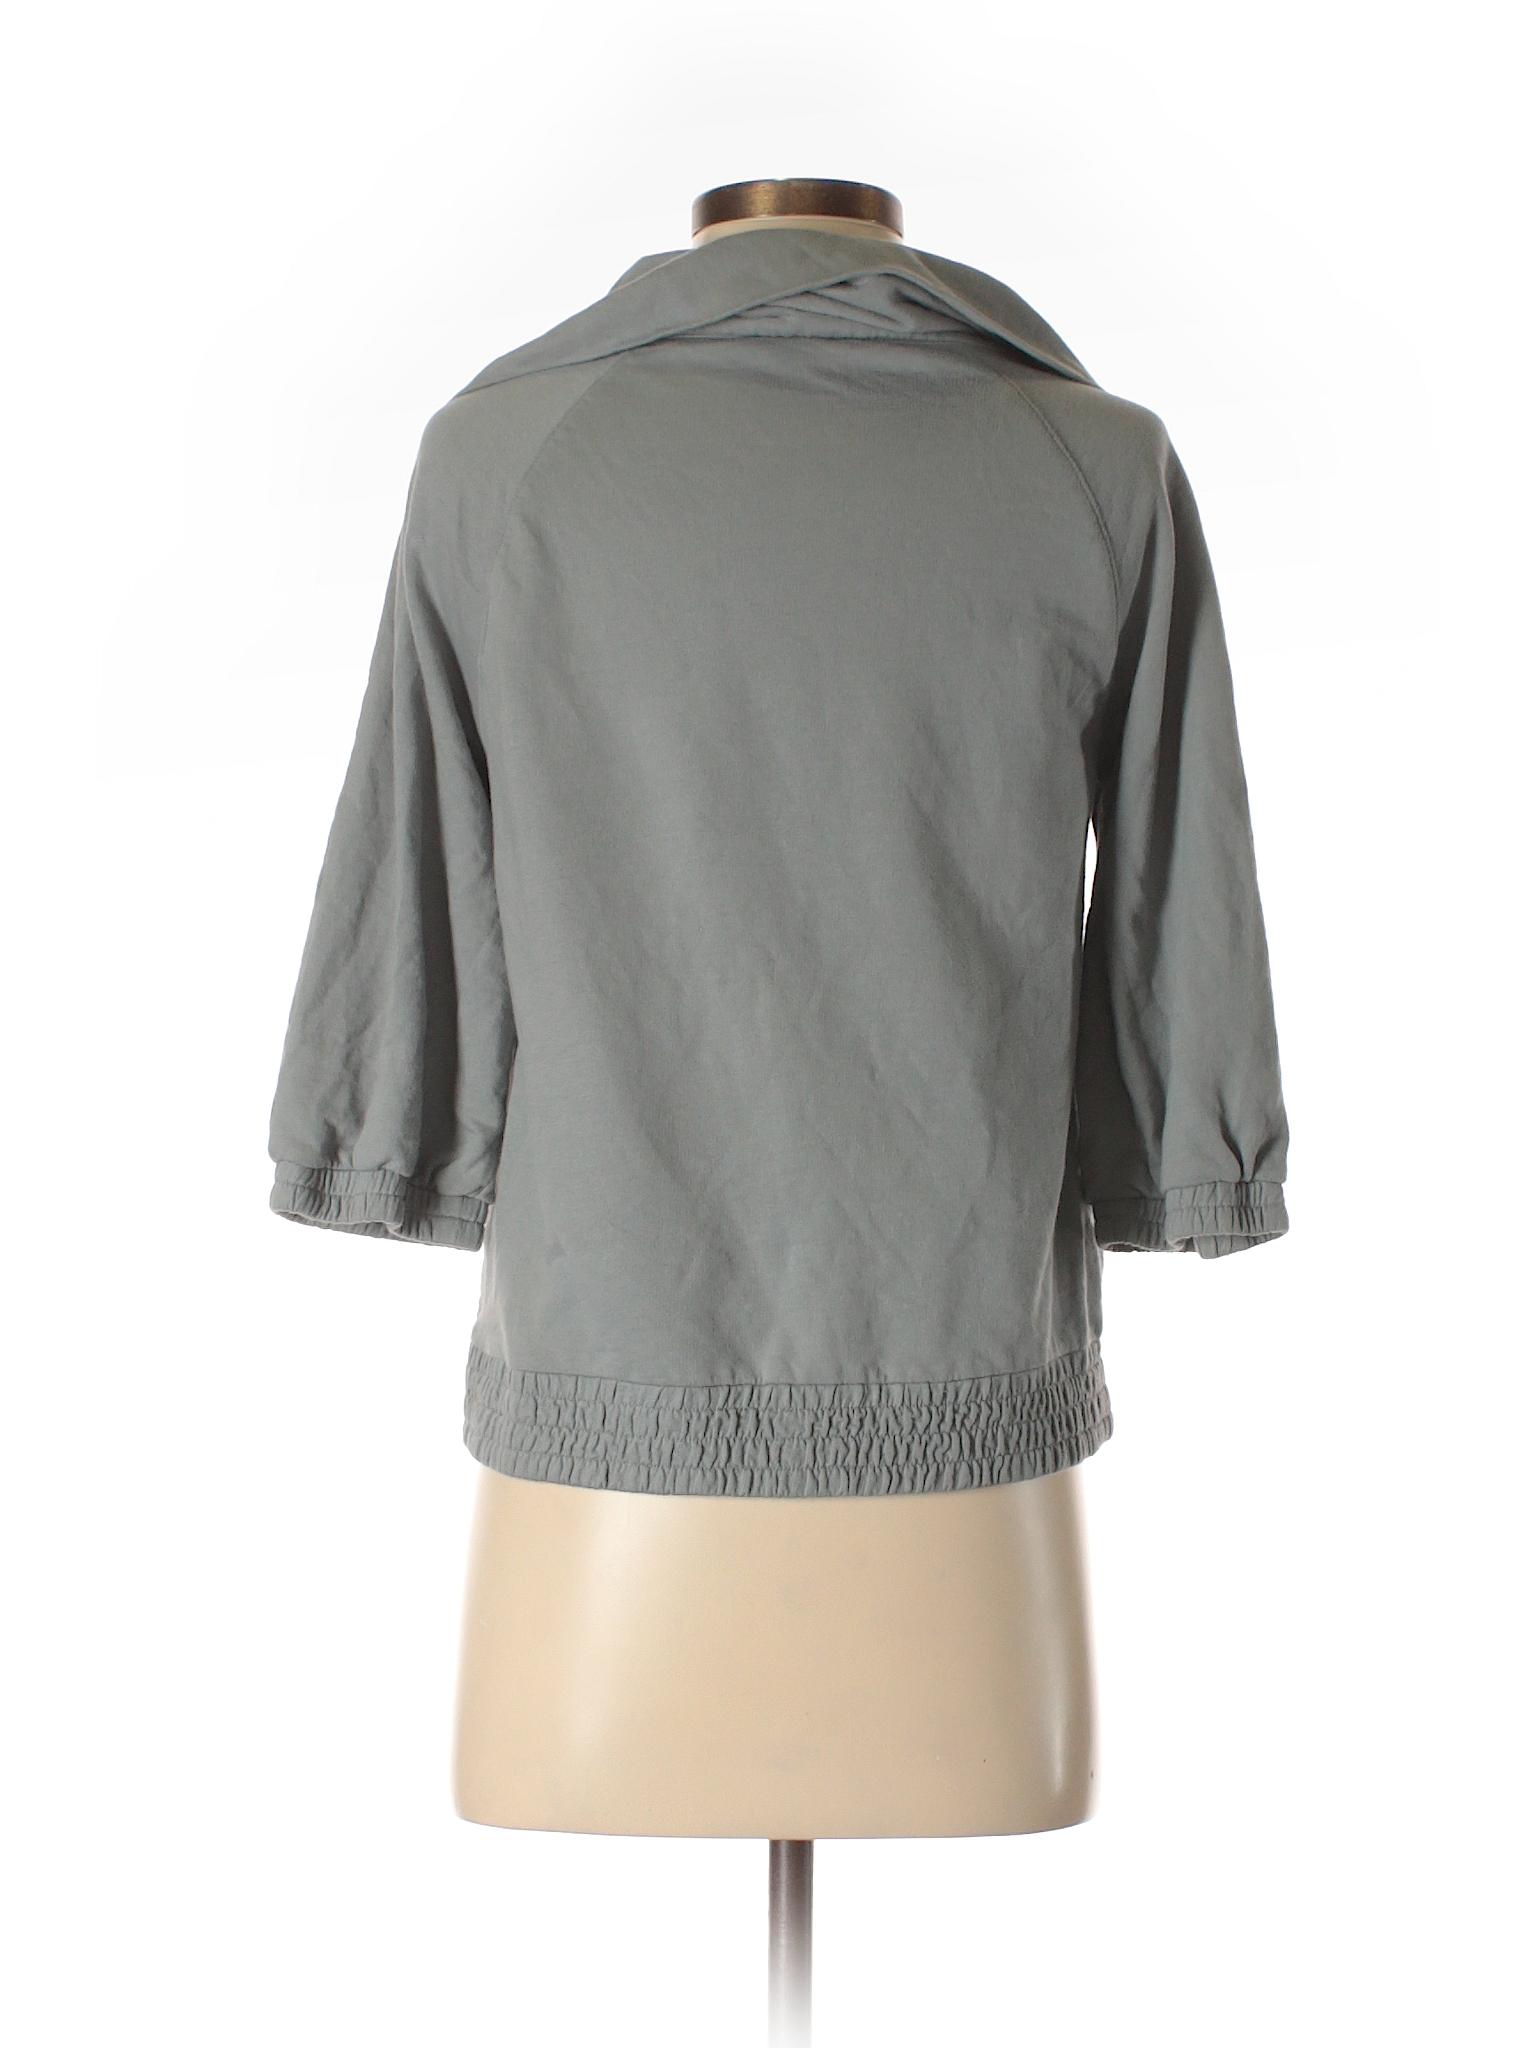 LOFT Jacket Outlet Ann Taylor winter Boutique qWPvaq